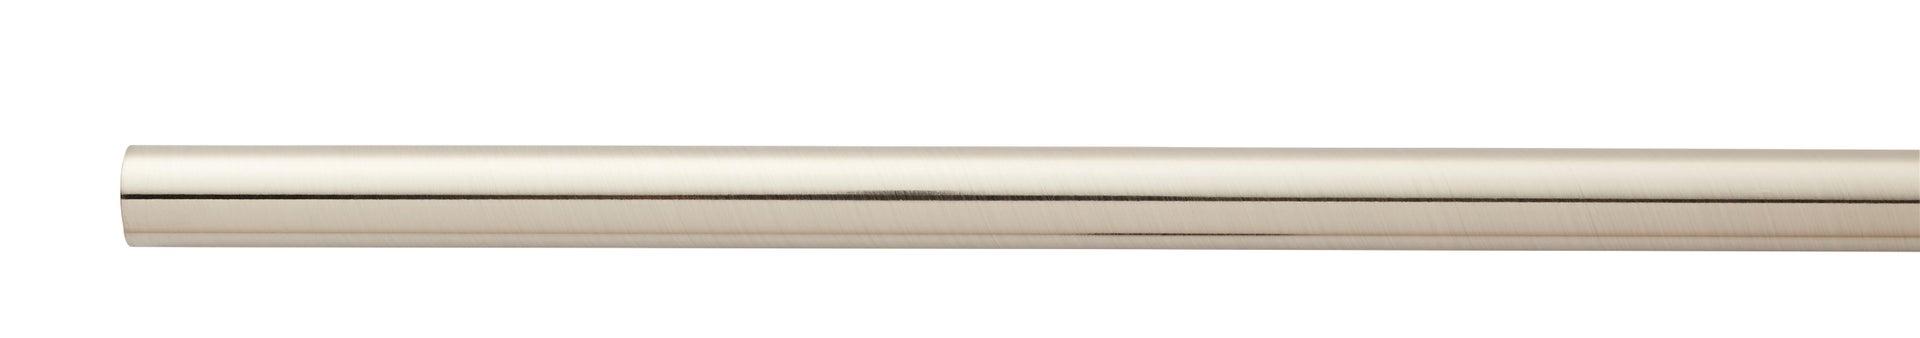 Kit bastone per tenda estensibile Doppio in metallo Ø 16/19 mm grigio e argento spazzolato da 120 a 210 cm INSPIRE - 5